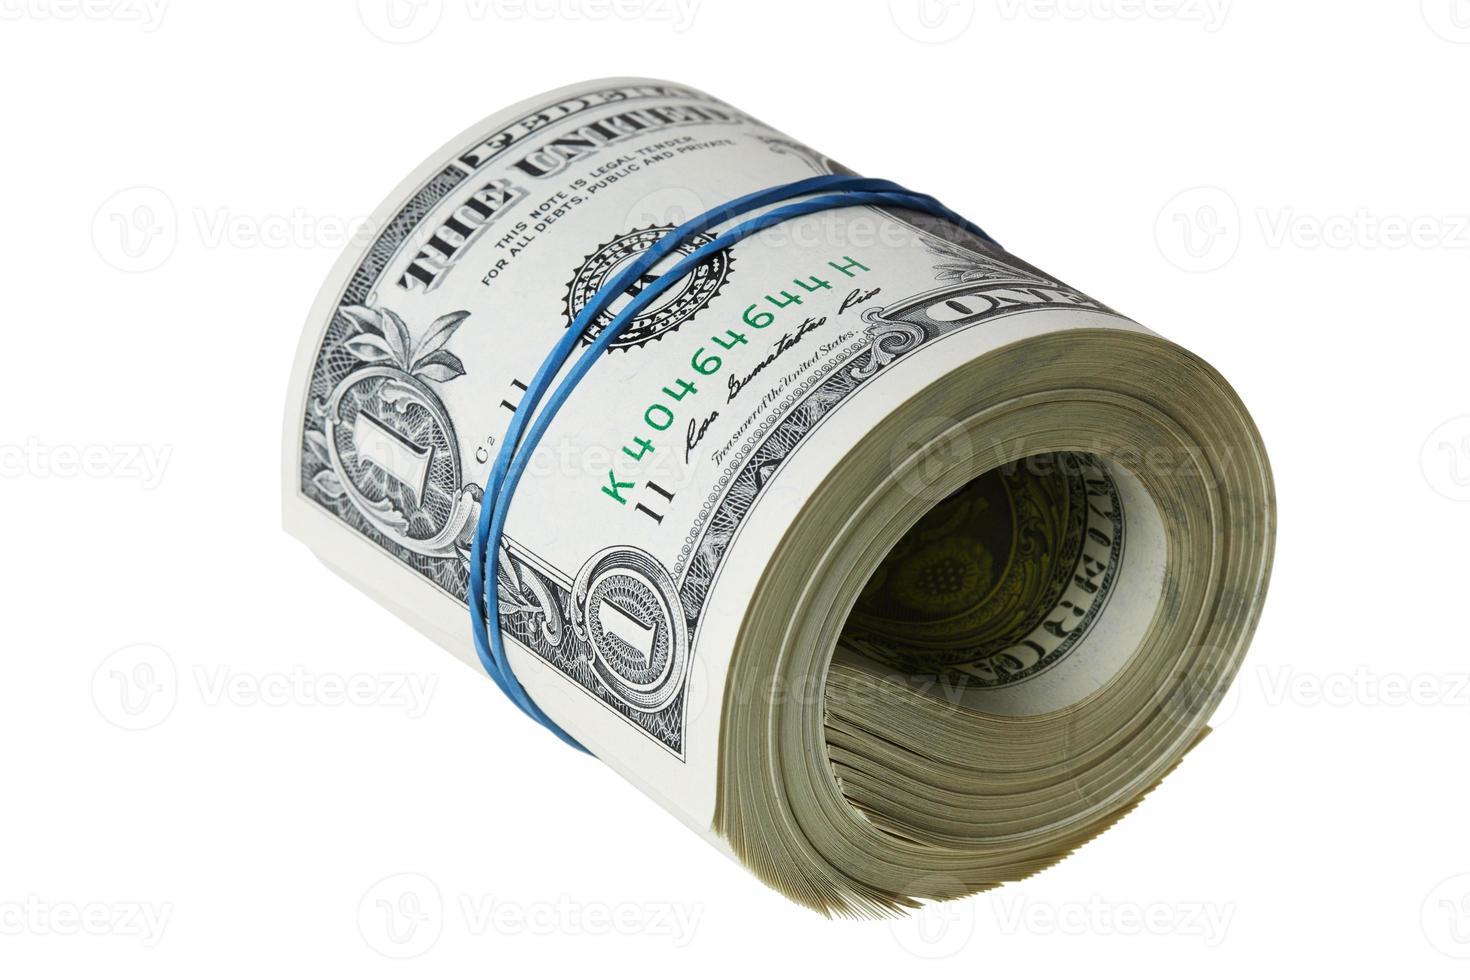 billetes de un dólar enrollados con trazado de recorte foto